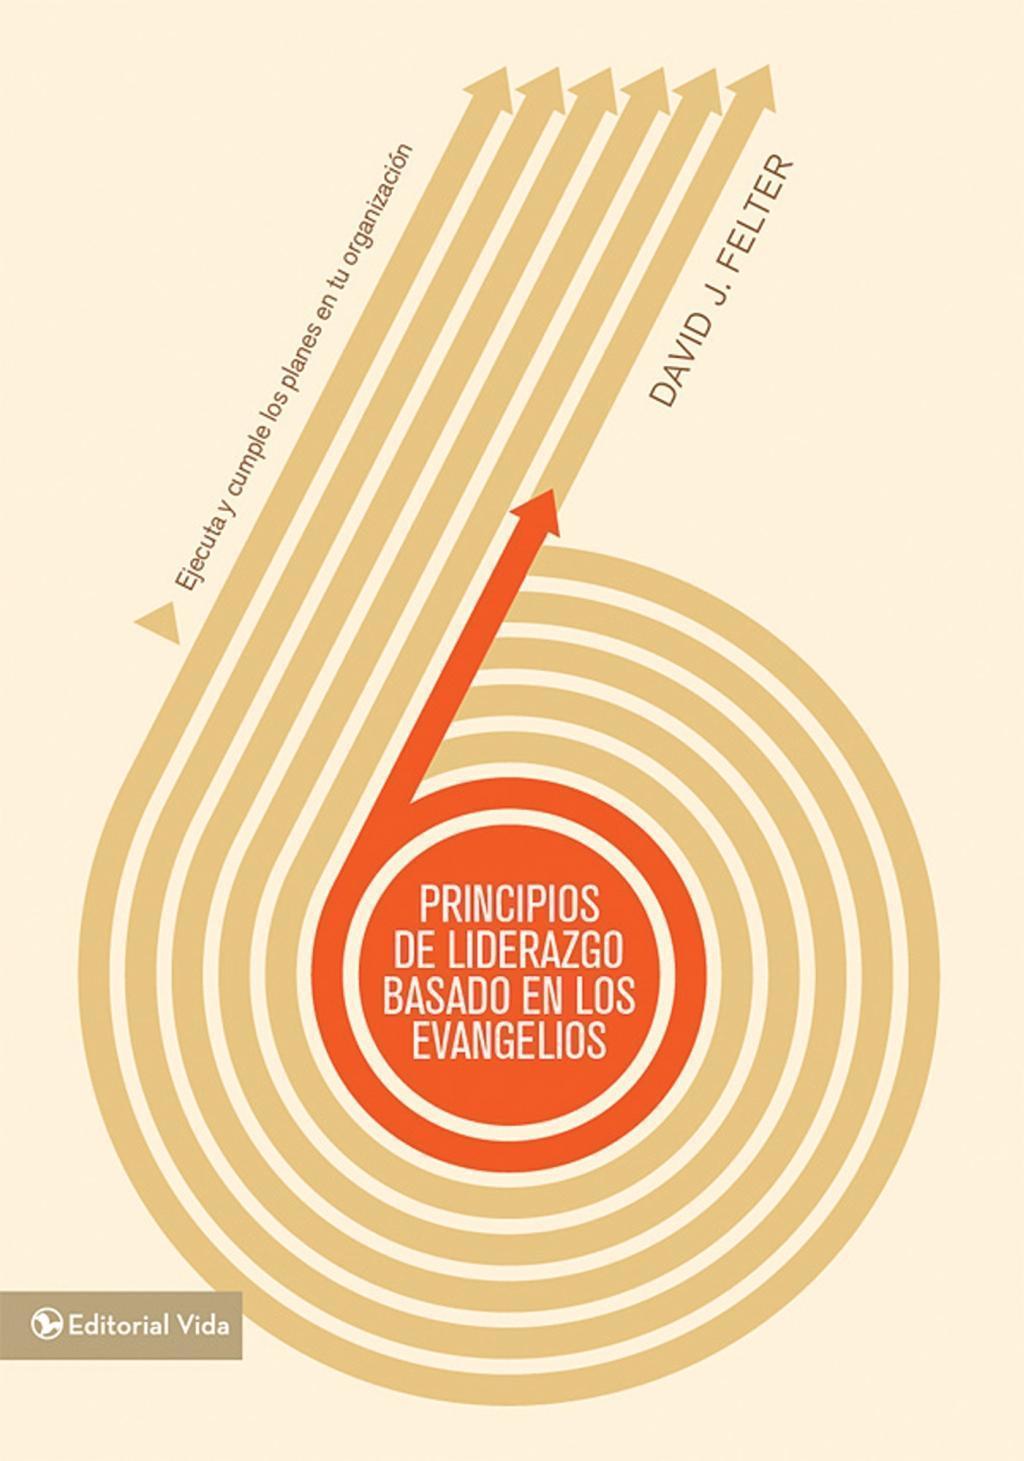 Principios de liderazgo basados en los Evangelios